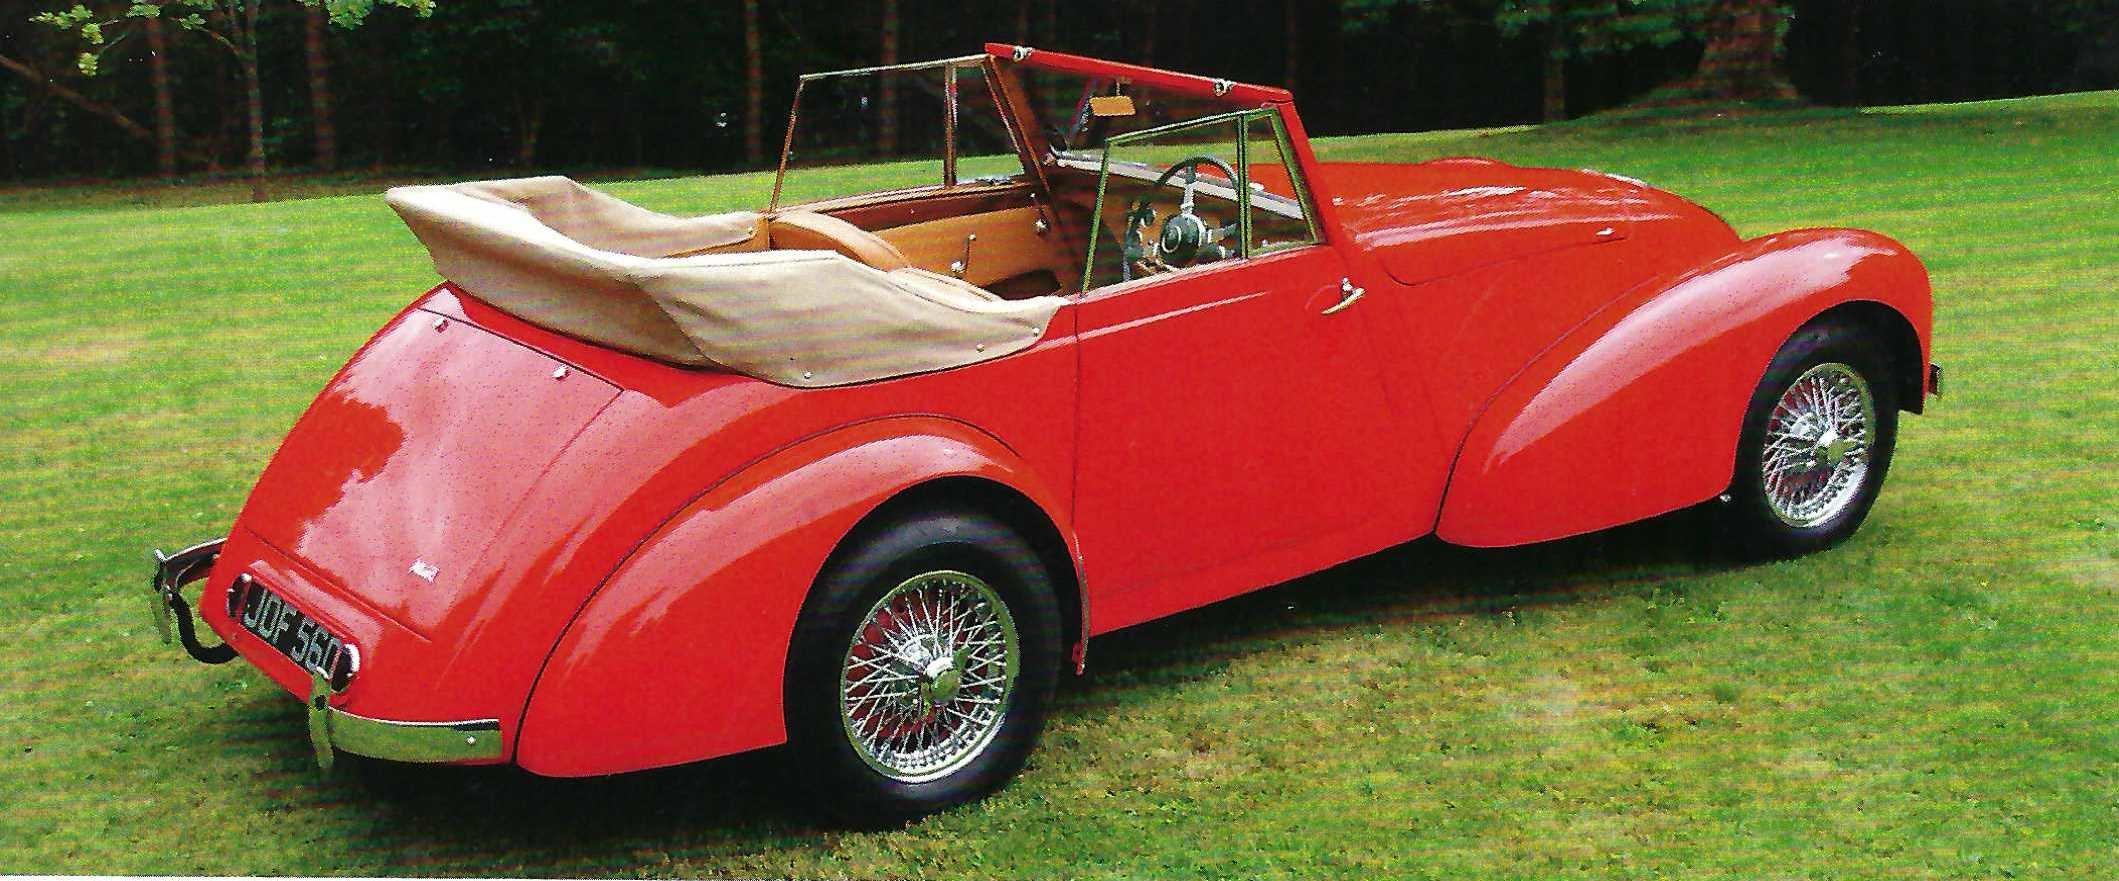 1948 Allard M-Series Drophead Coupé For Sale (picture 3 of 6)